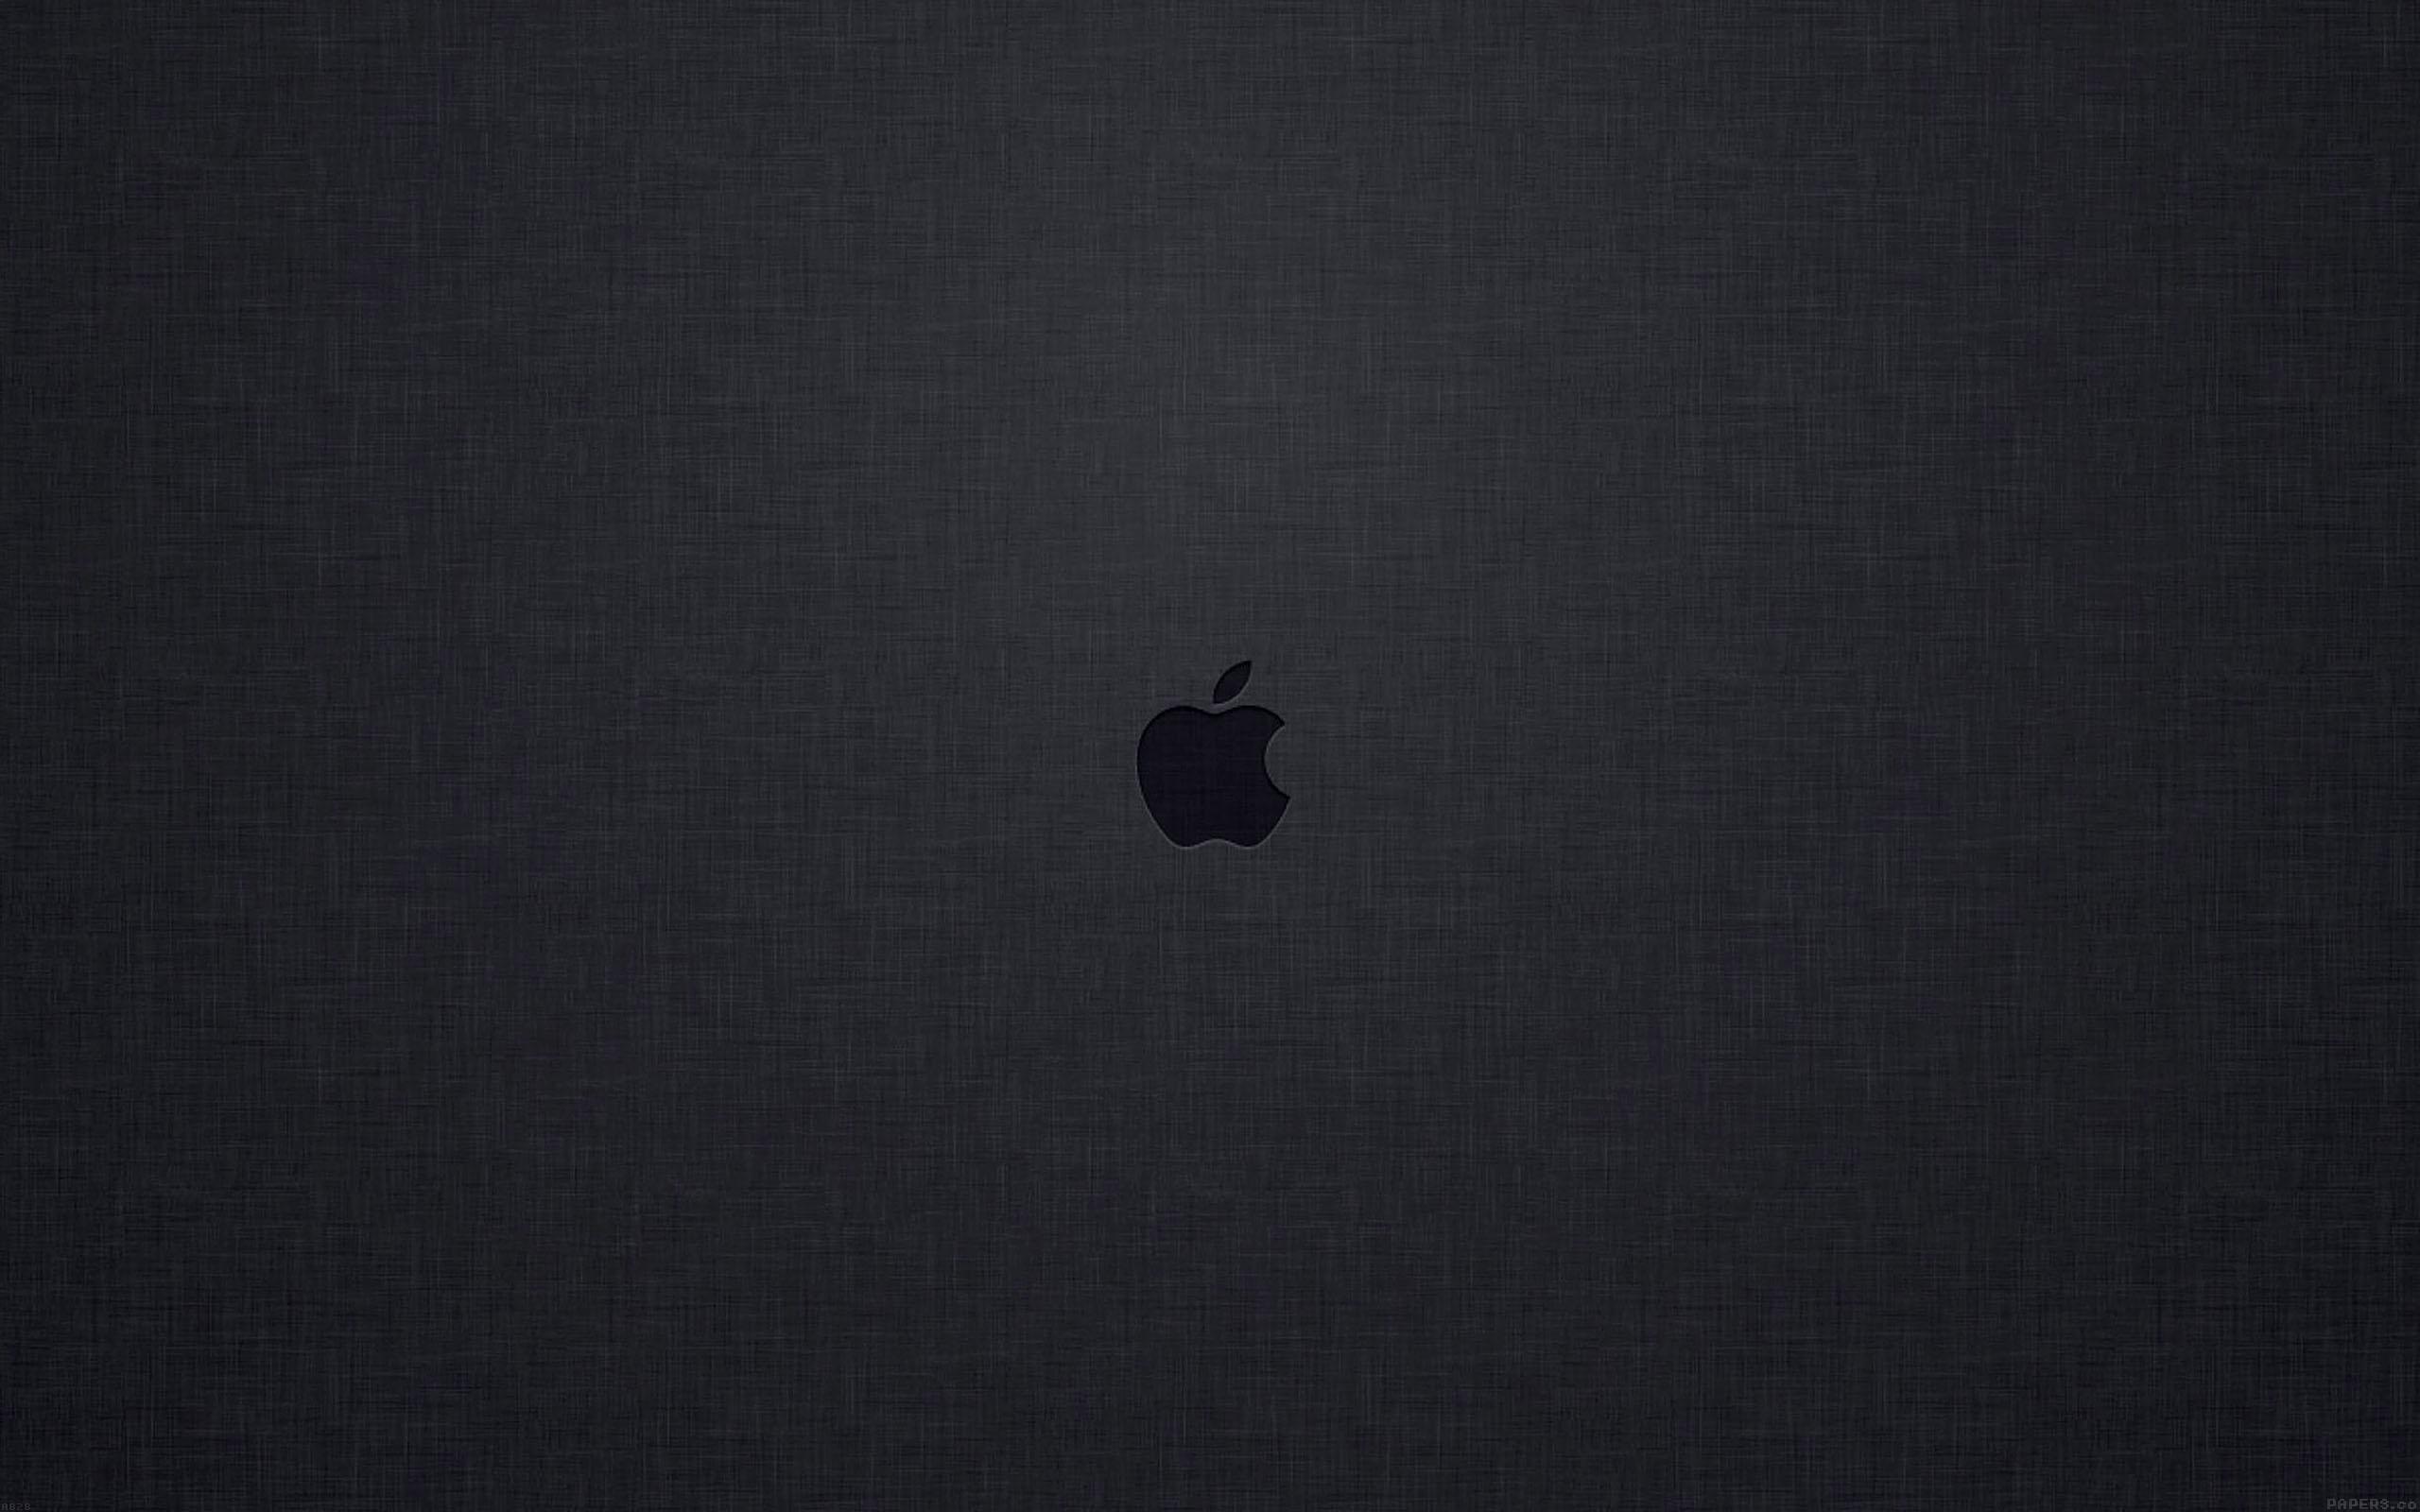 ab28-wallpaper-tiny-apple-logo-dark-wallpaper